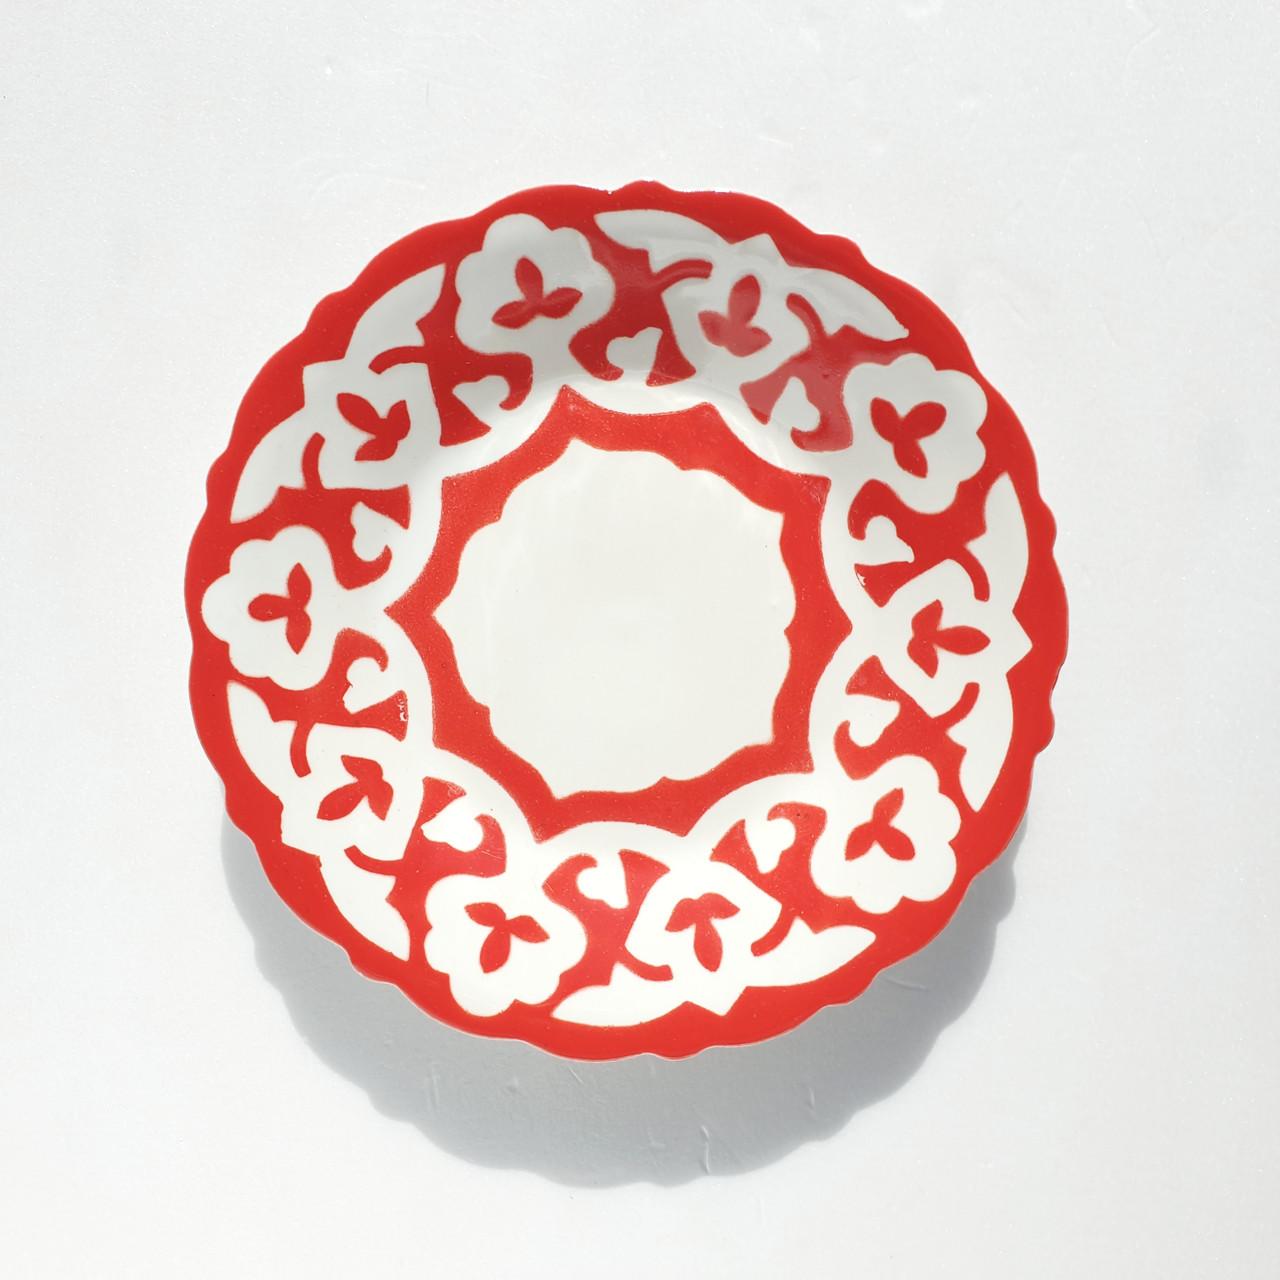 """Тарелка десертная """"ПАХТА"""" красная d 16 см красная. Узбекистан"""